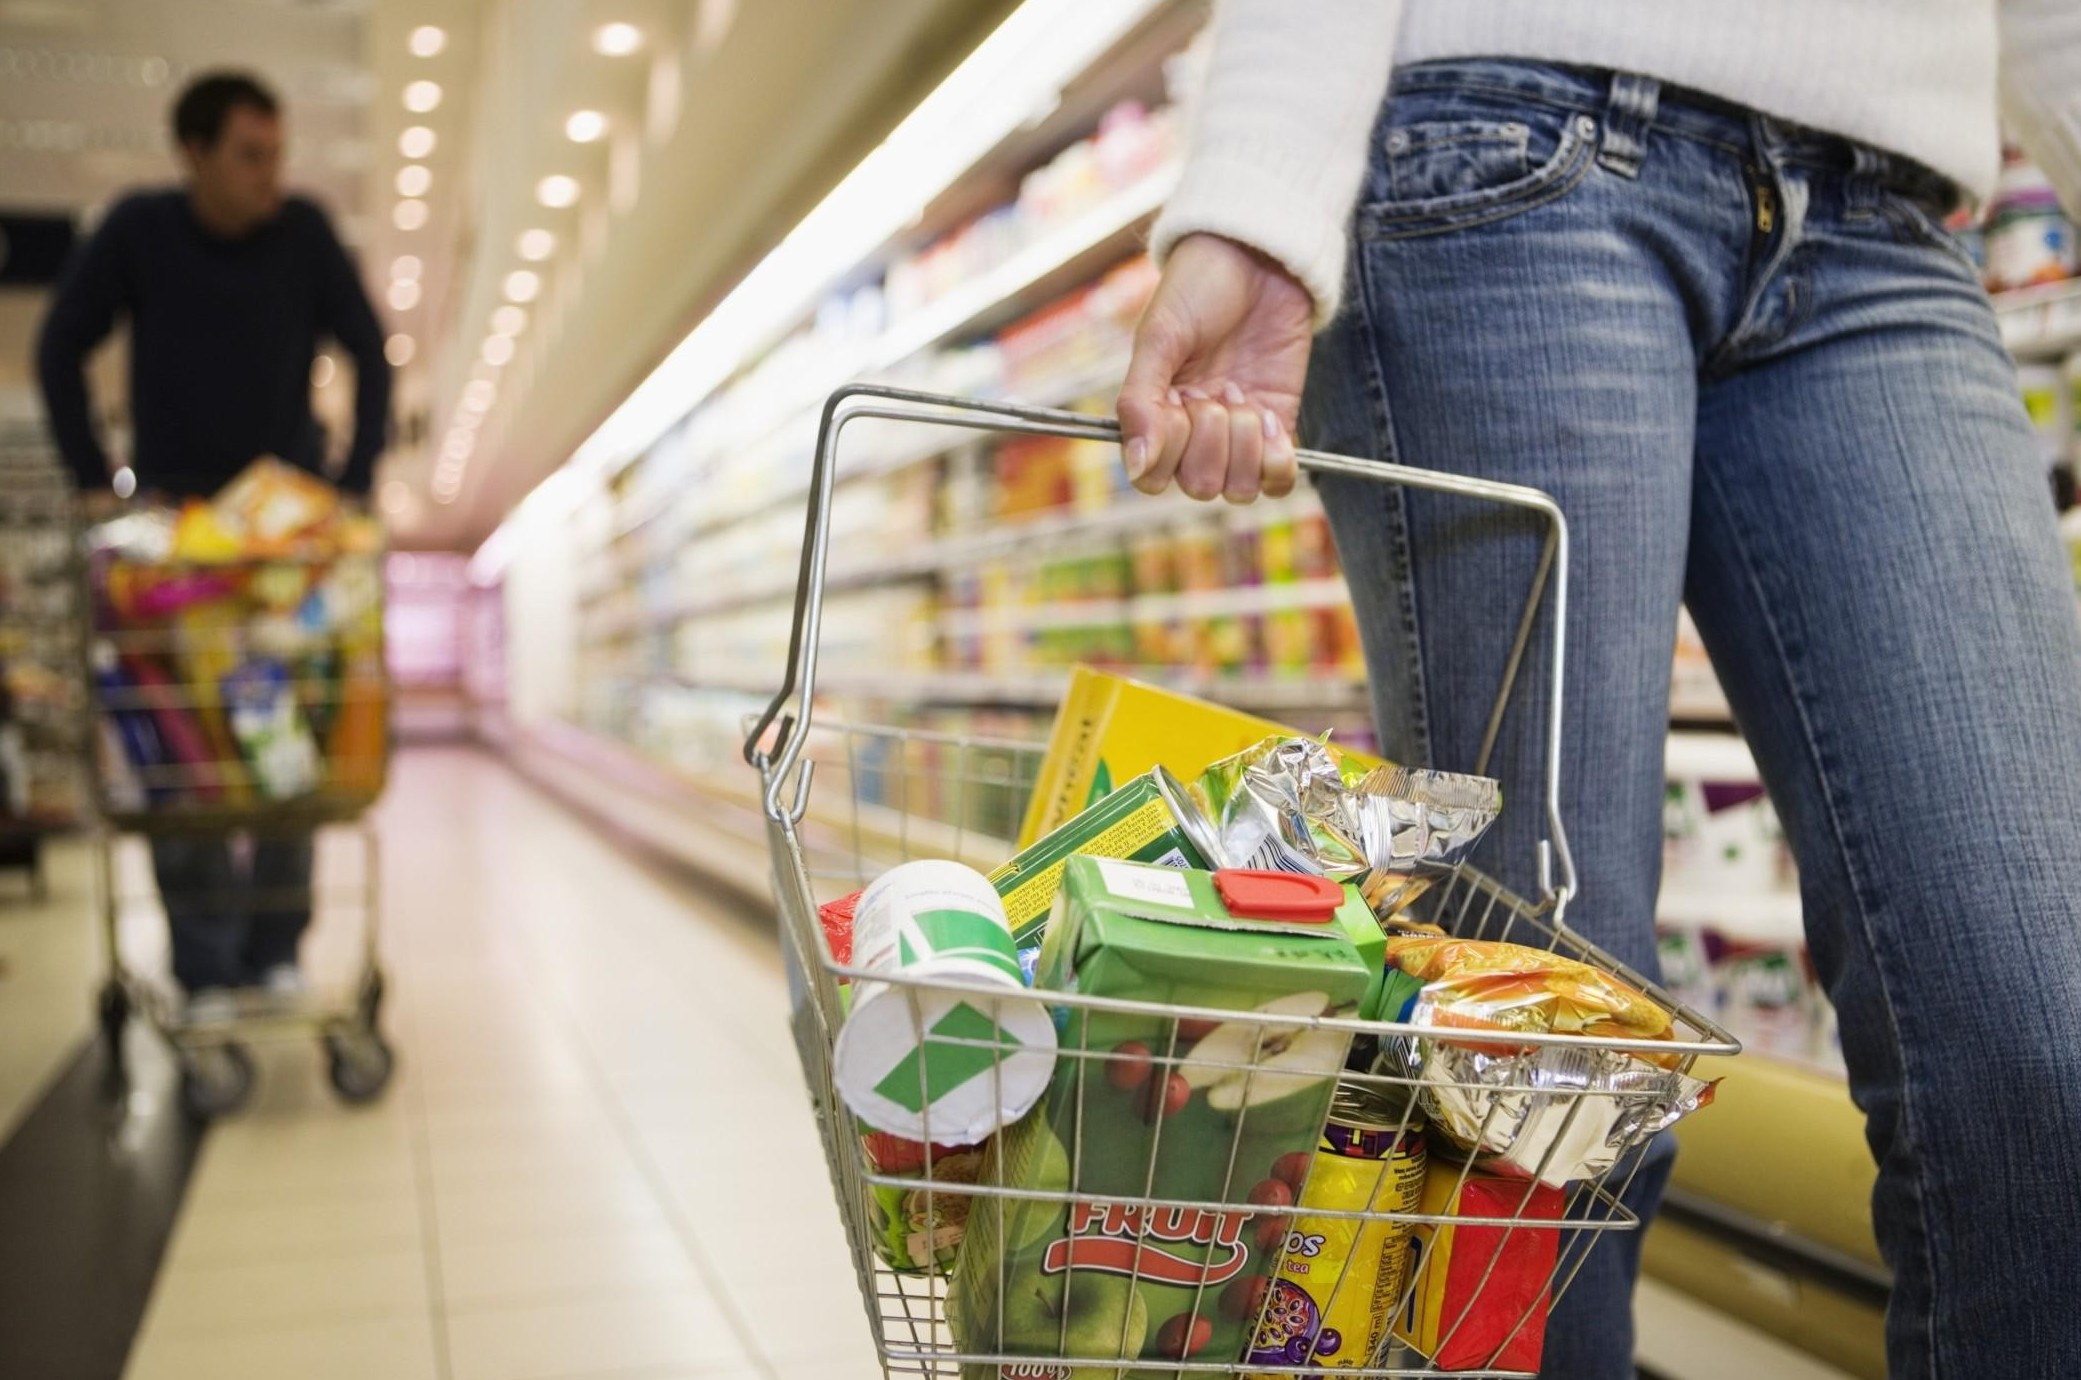 Migliori supermercati per fare la spesa